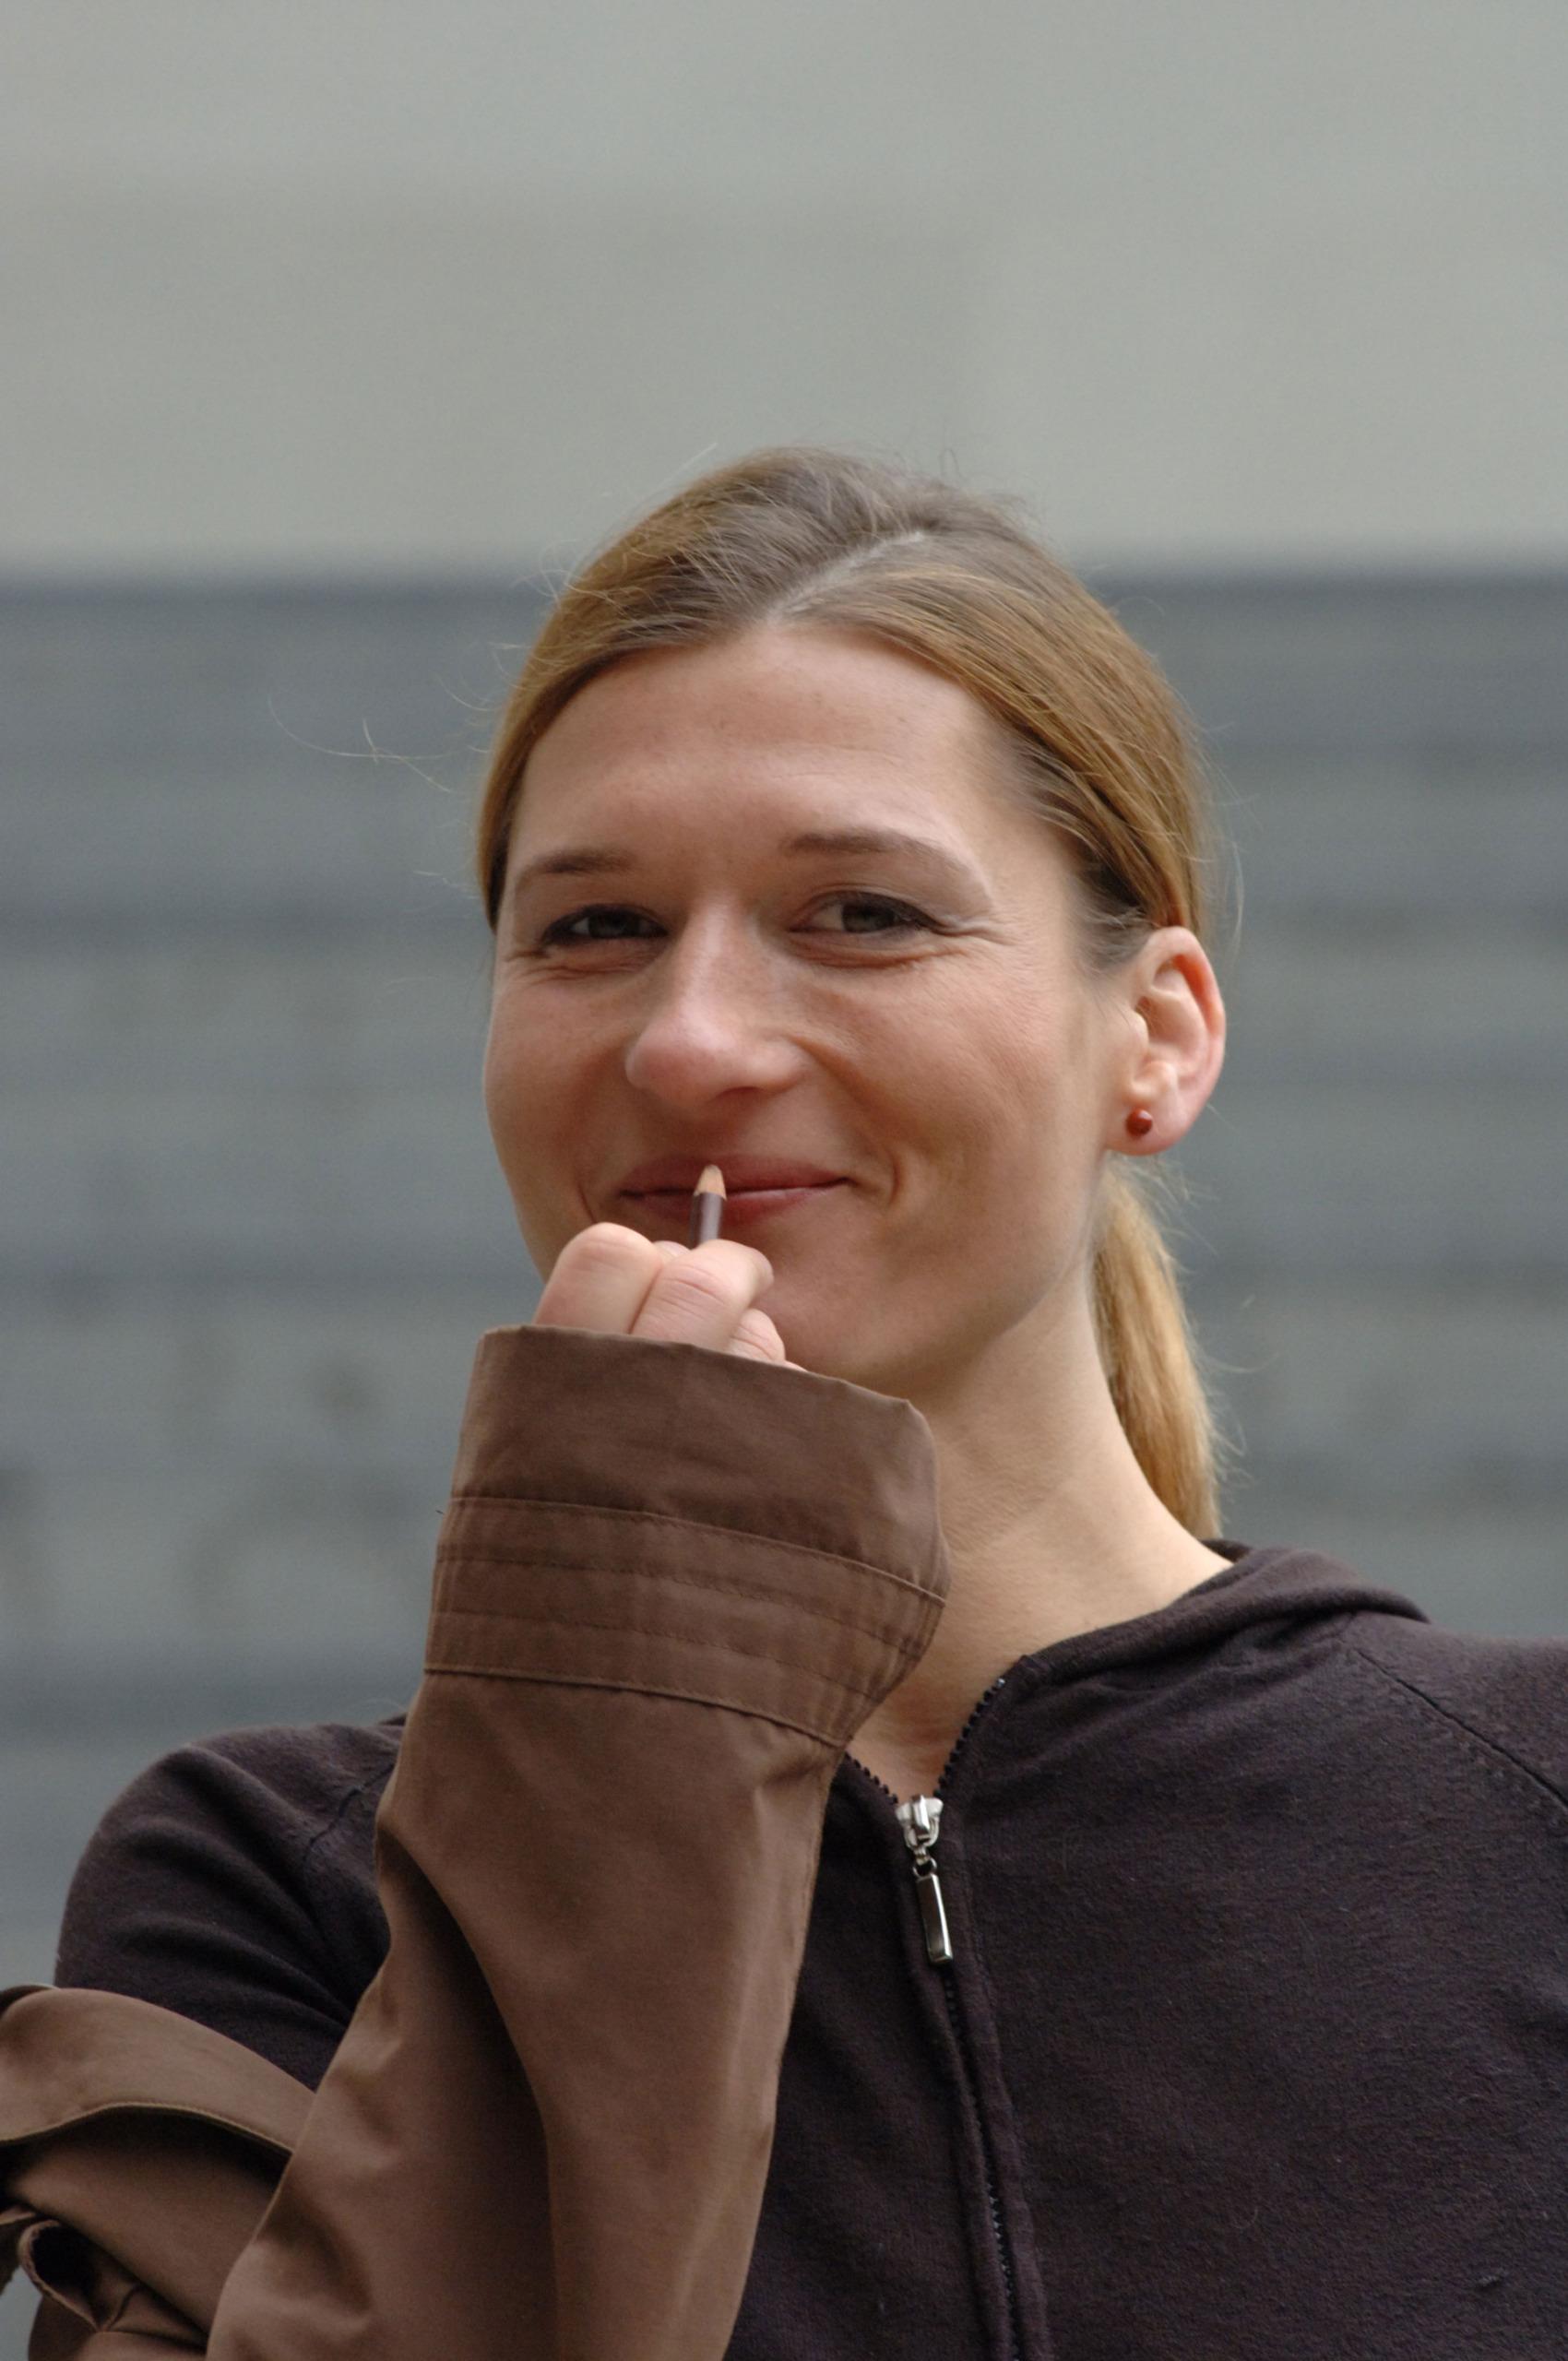 Claudia Herr